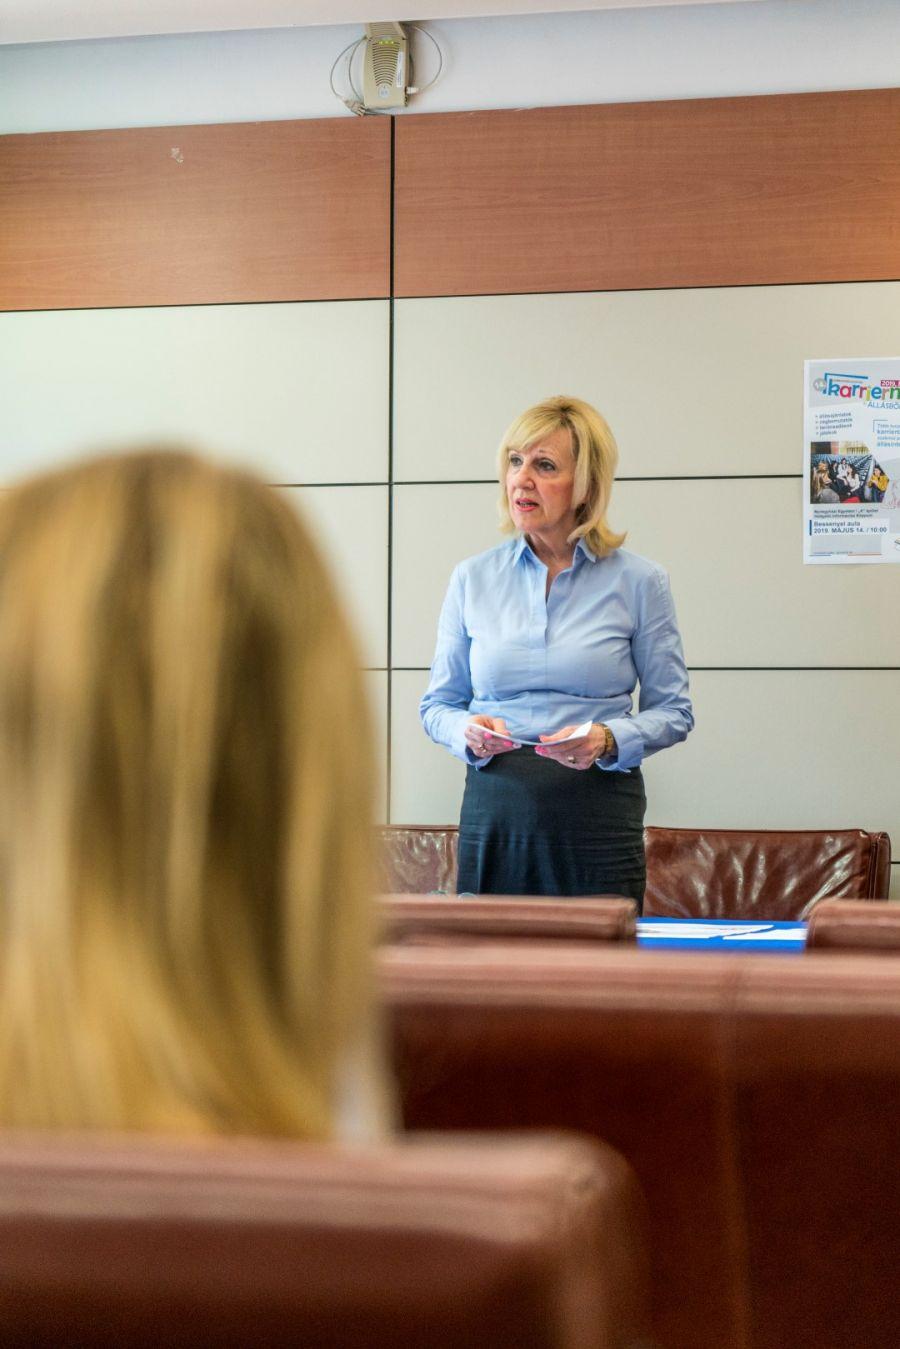 Karriernap sajtótájékoztató a Nyíregyházi Egyetemen